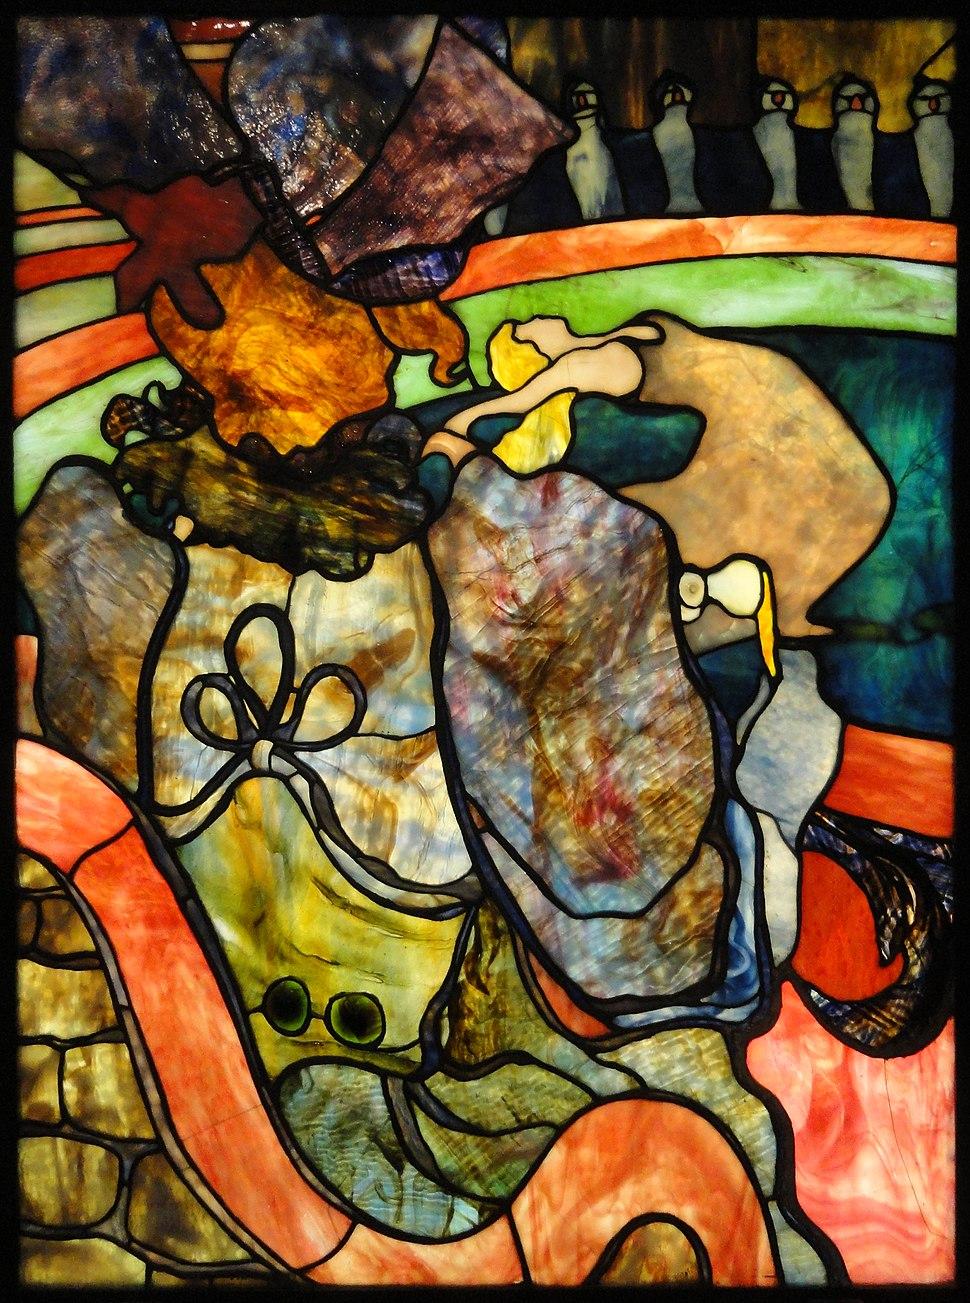 Henri de Toulouse-Lautrec, Louis Comfort Tiffany, Au Nouveau Cirque, Papa Chrysanth%C3%A8me, c.1894, stained glass, 120 x 85 cm, Mus%C3%A9e d%27Orsay, Paris